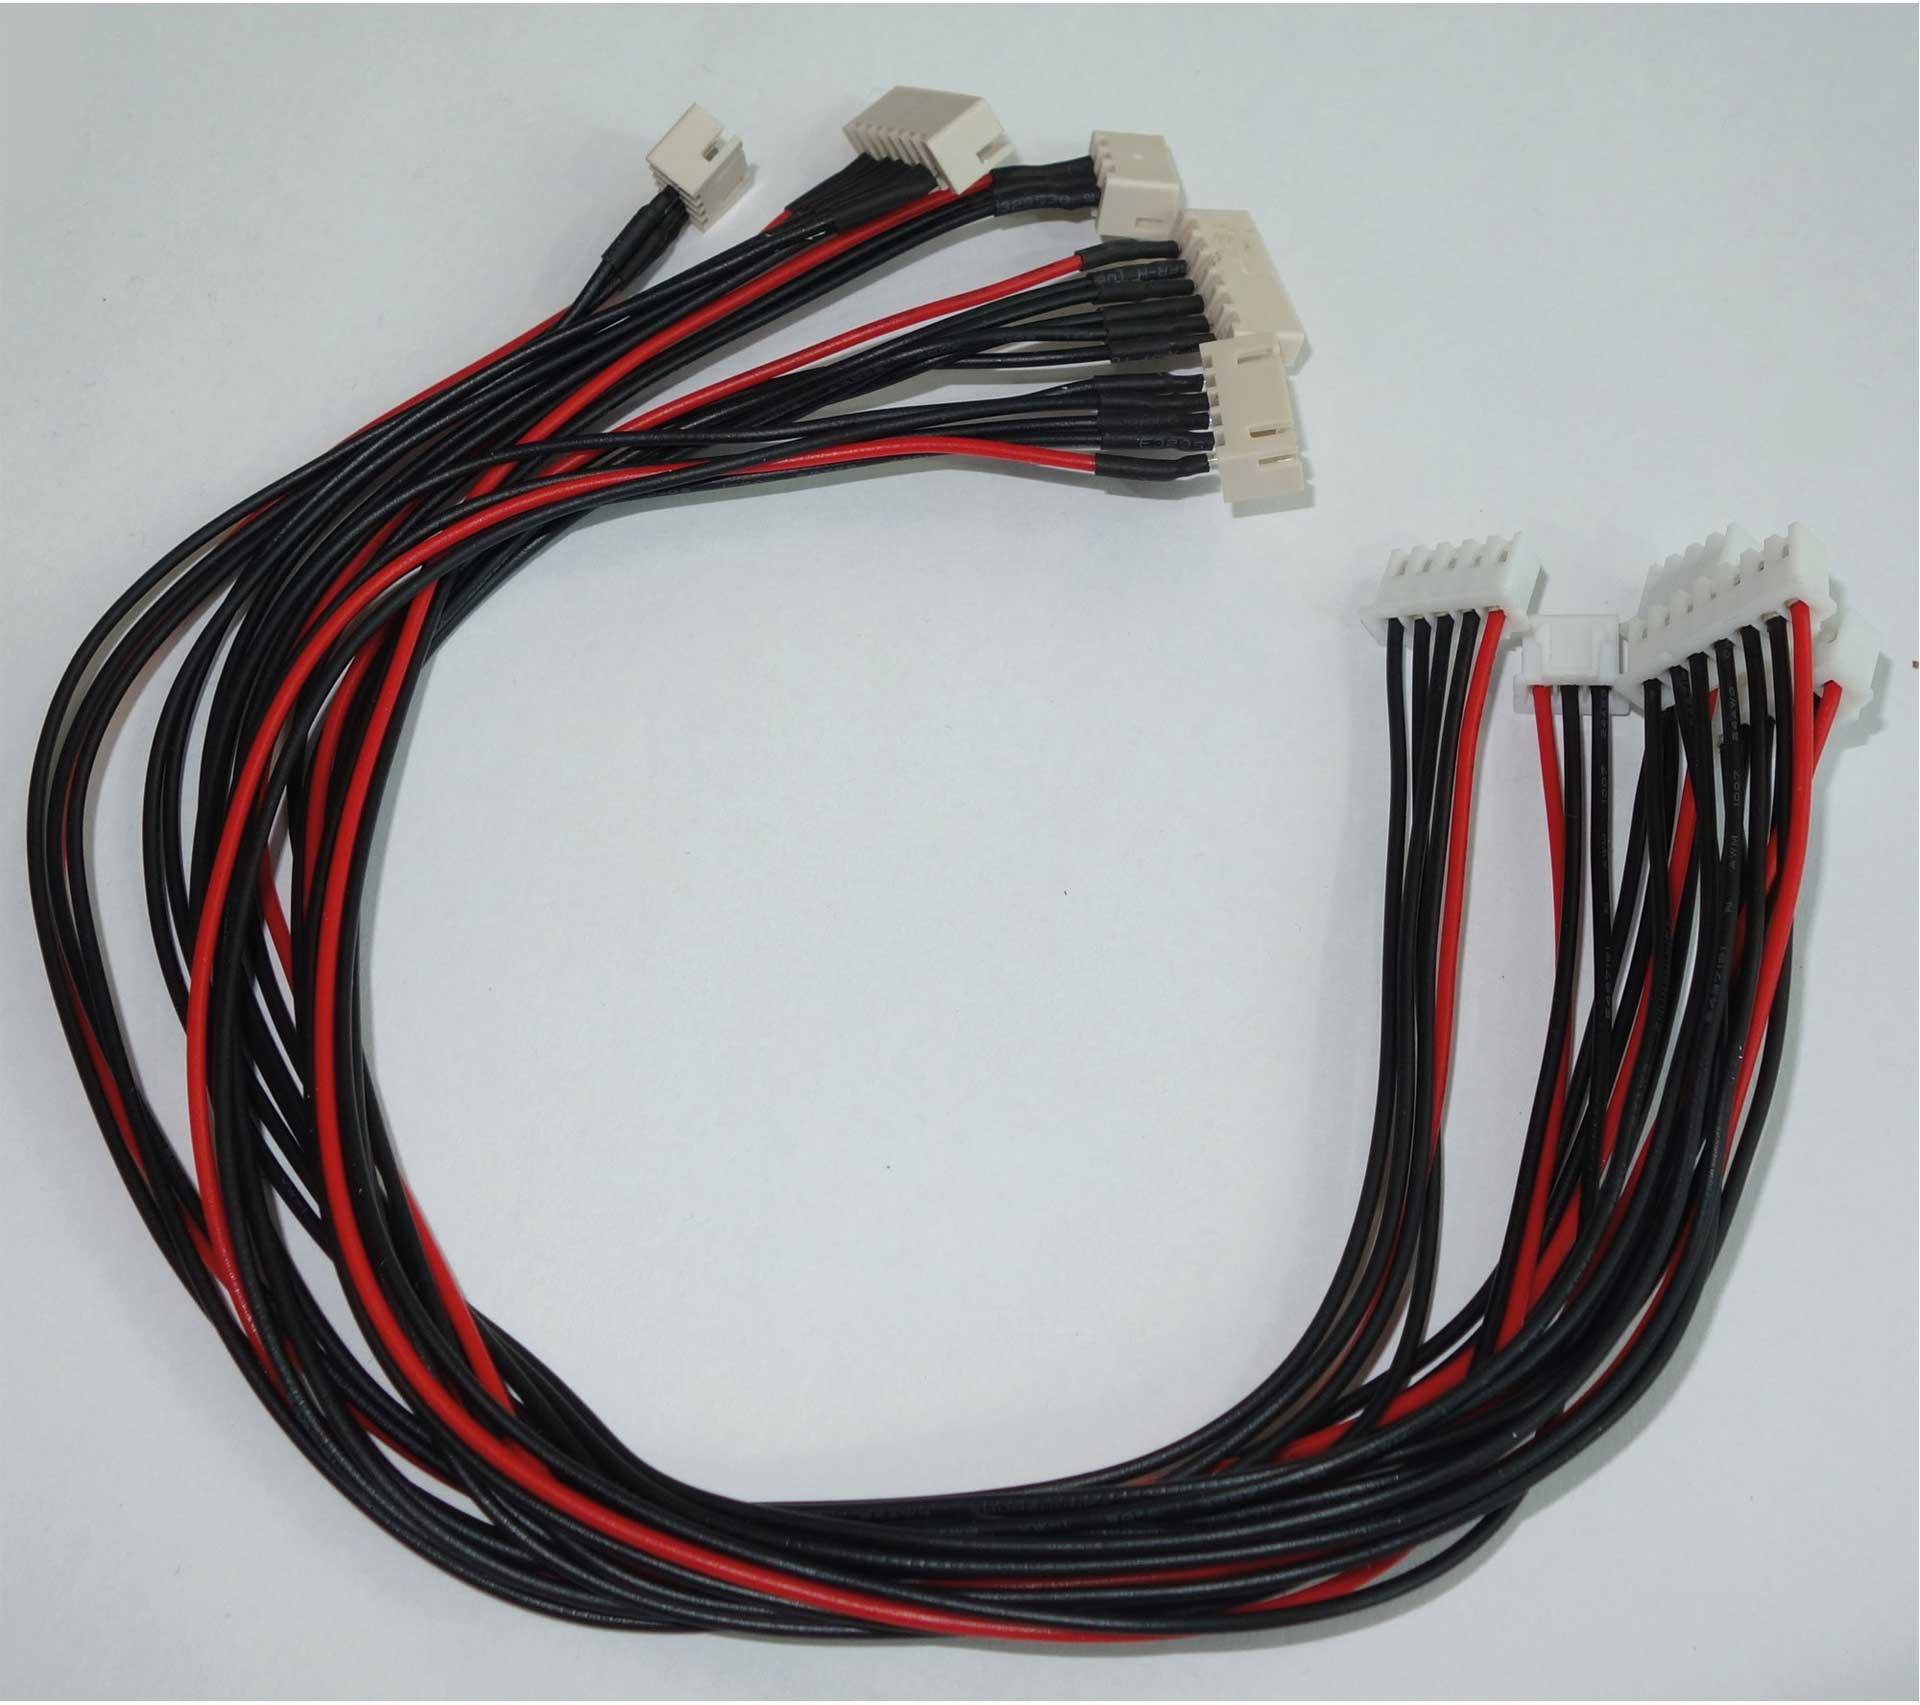 Robbe Modellsport Câble prolongateur d'équilibreur RO-Safety JST-XH 5 Balancer Kabel Set von 2-6S